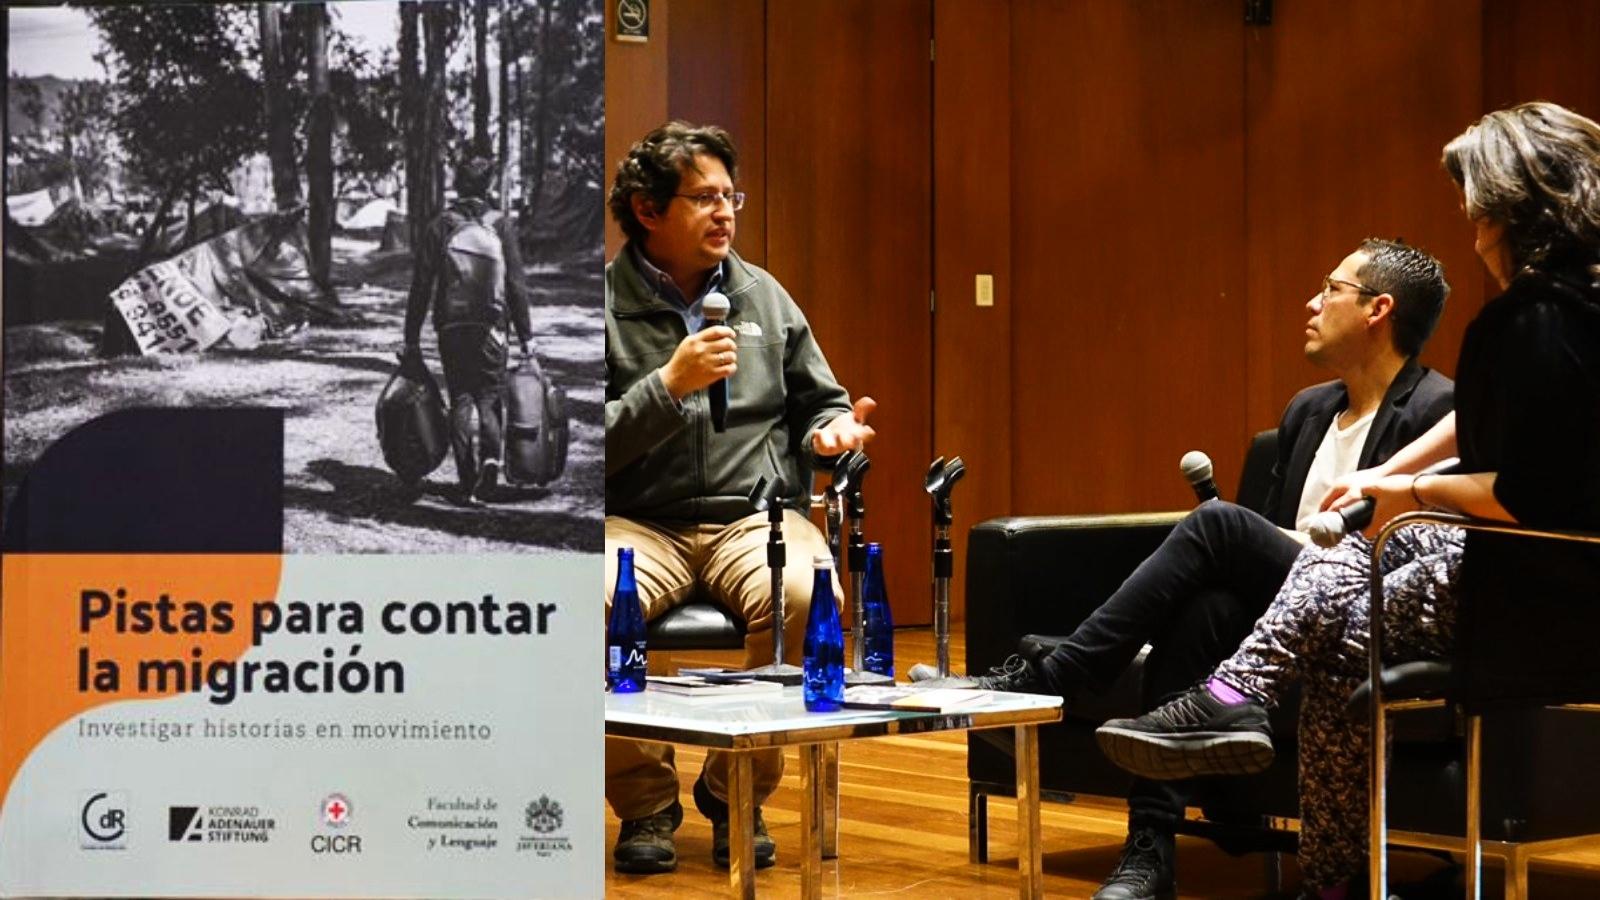 'Pistas para la contar la migración': algunos consejos para narrar el fenómeno migratorio